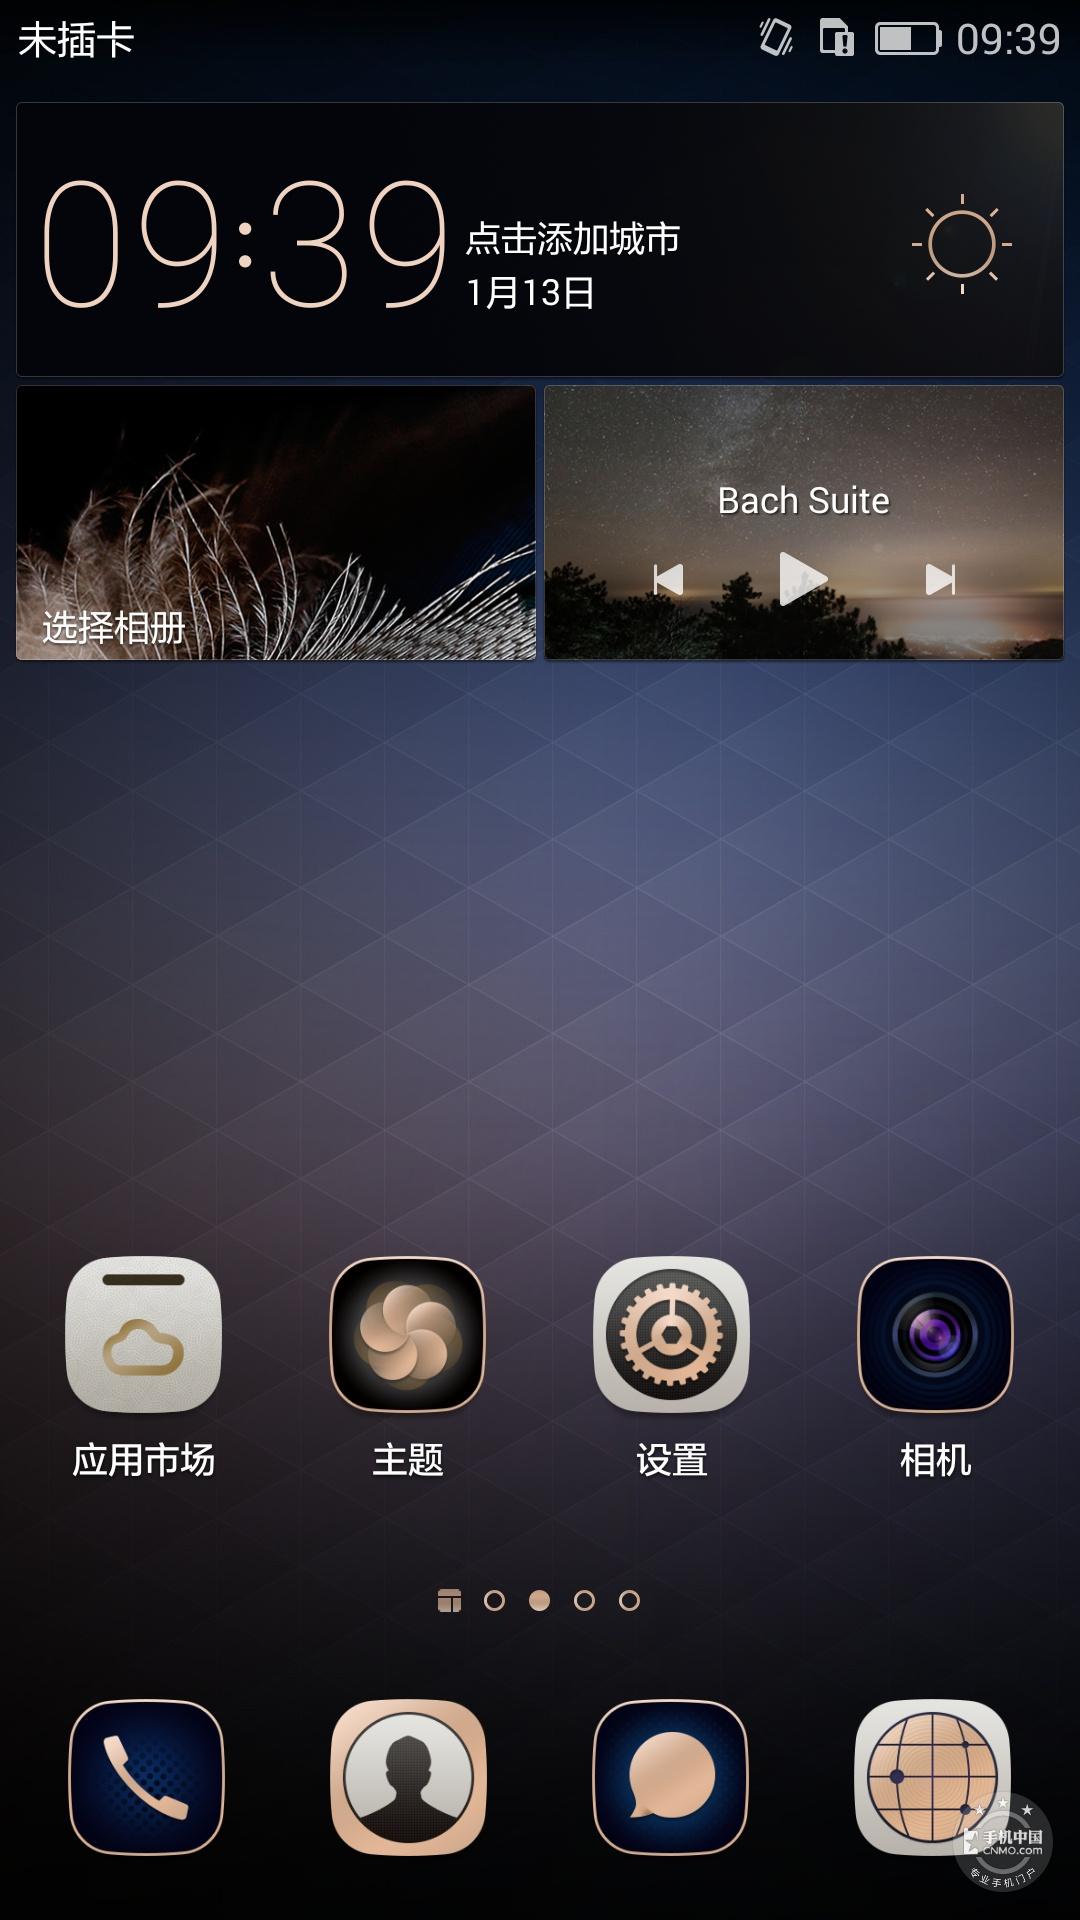 华为P8(双4G标准版)手机功能界面第4张